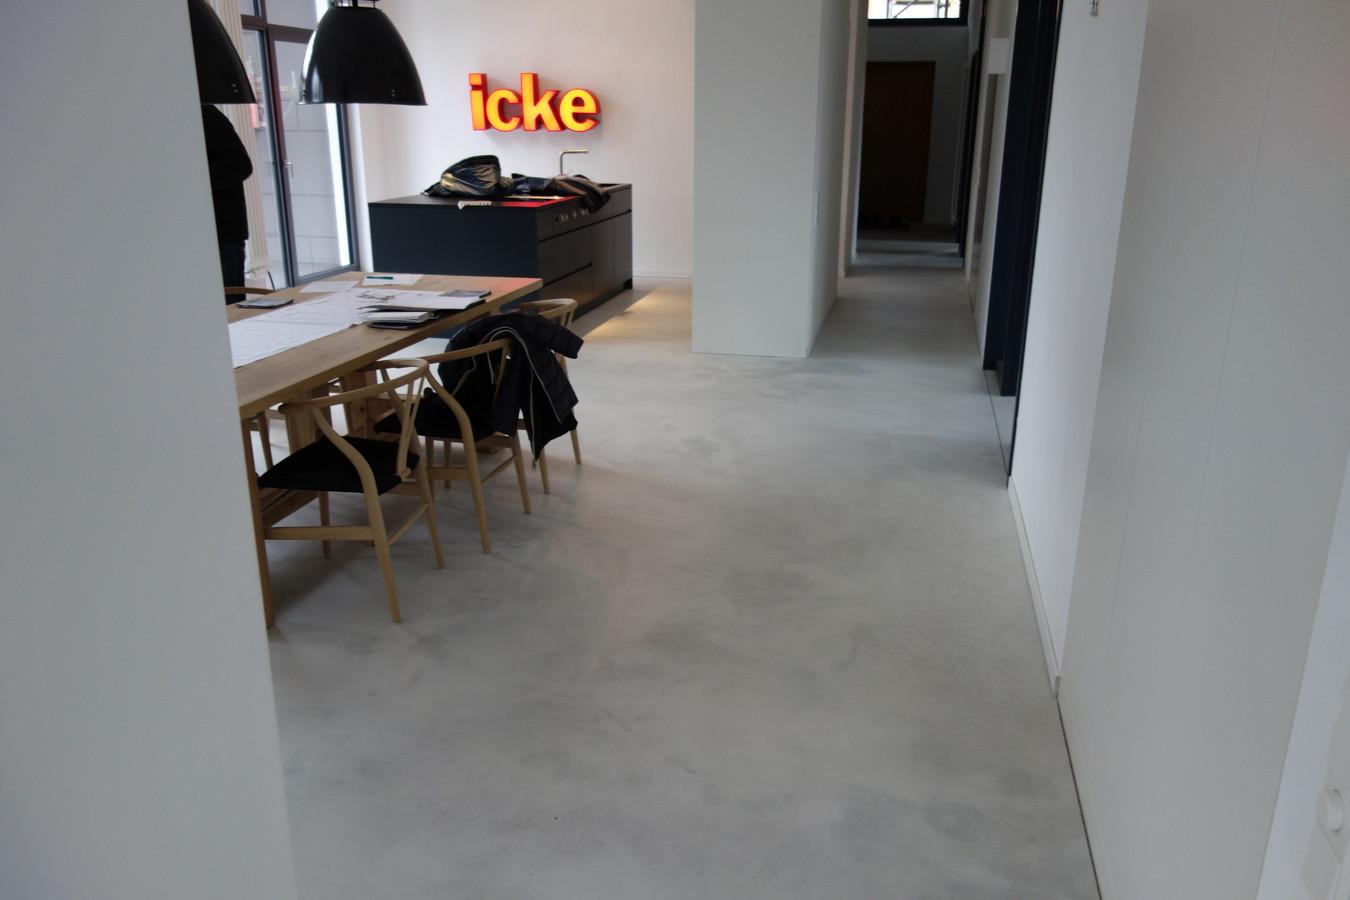 estrich polieren gescheibter estrich von t errazzo marmor epoxi beton estrich sowie estrich. Black Bedroom Furniture Sets. Home Design Ideas